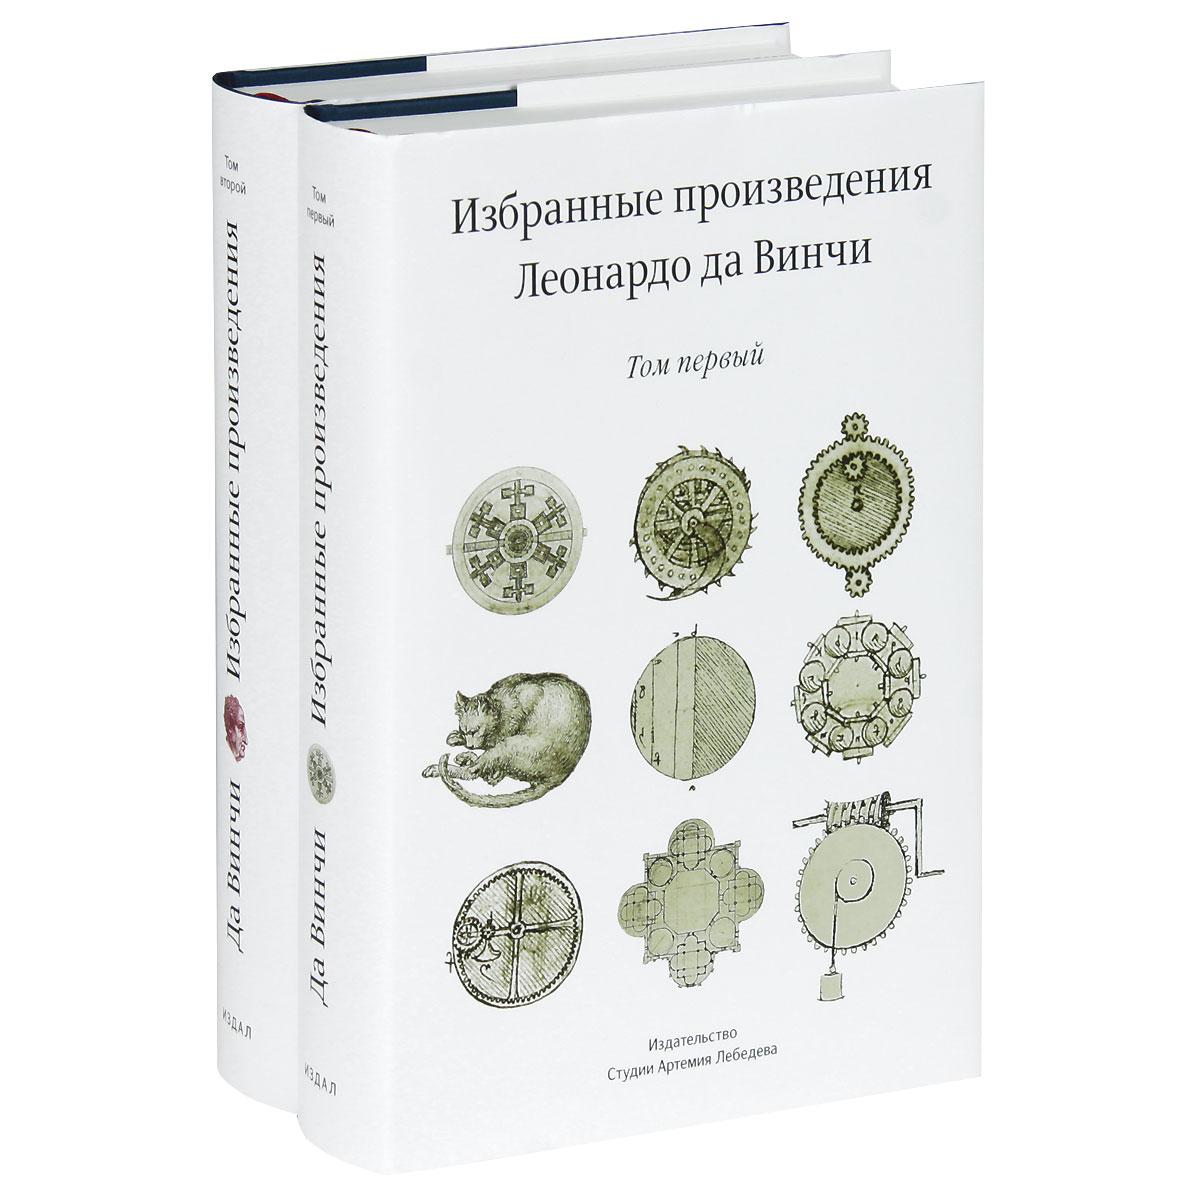 Леонардо да Винчи Леонардо да Винчи. Избранные произведения (комплект из 2 книг) о науке и искусстве леонардо да винчи